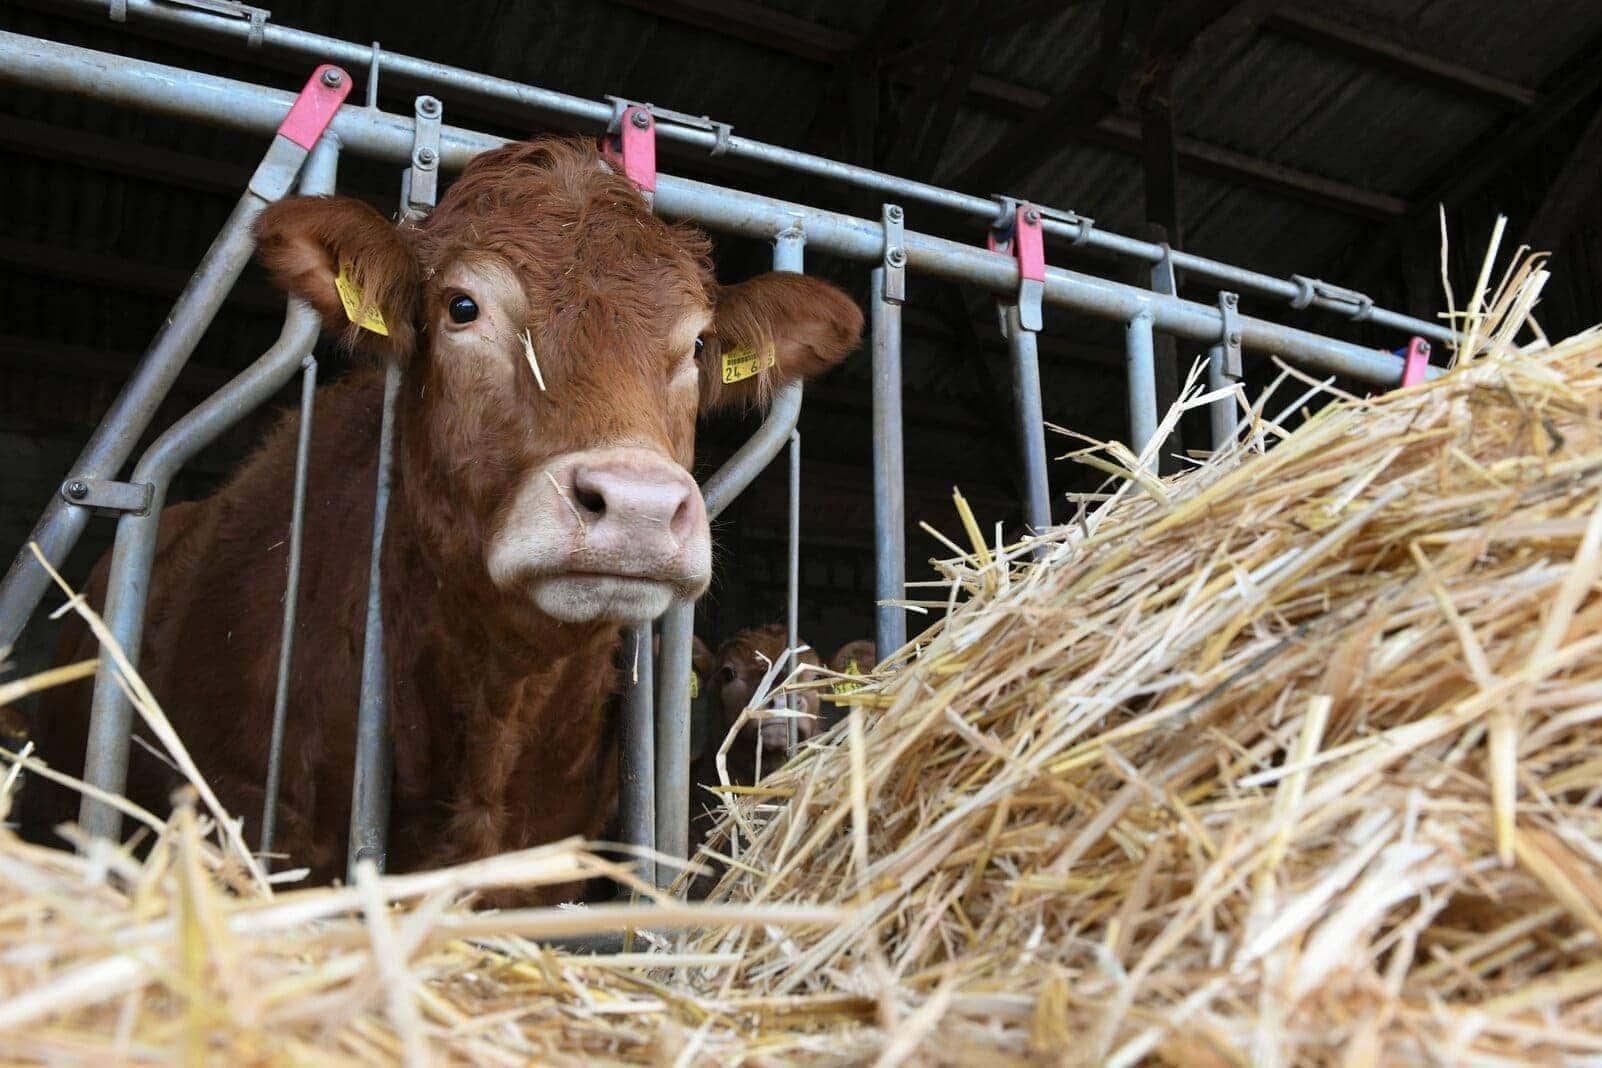 Rindvieh Kuh Stroh Stall